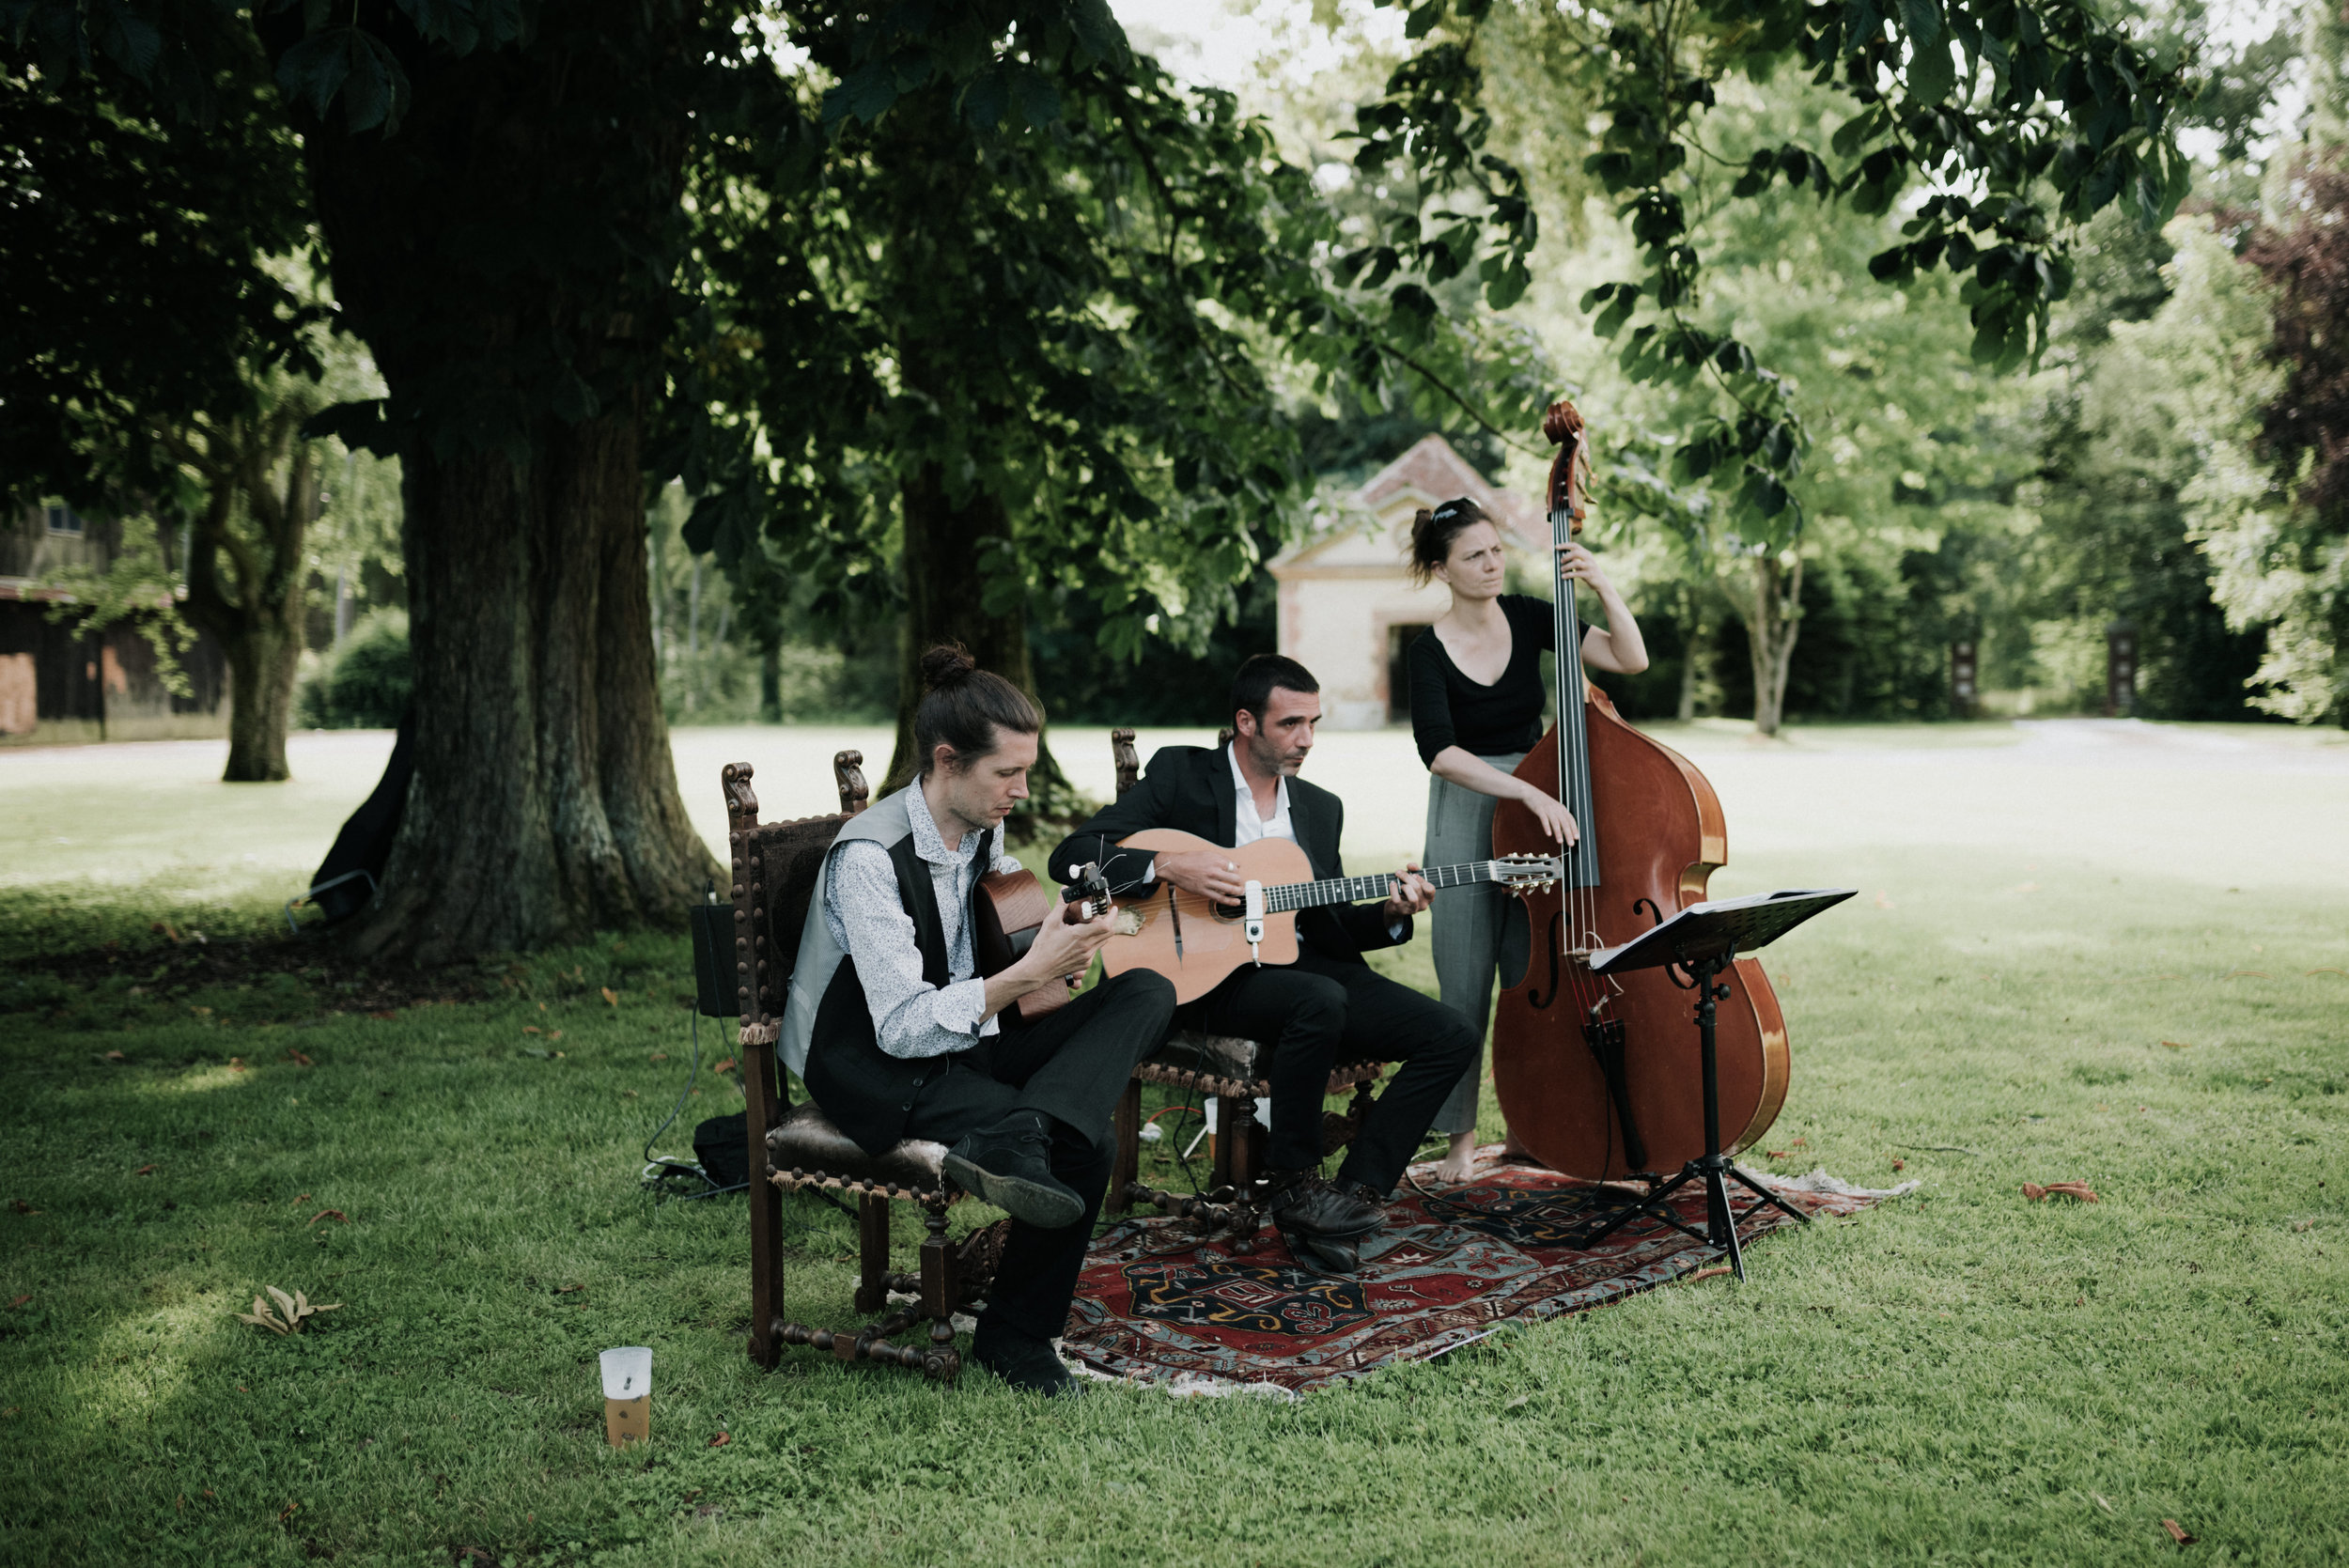 Léa-Fery-photographe-professionnel-lyon-rhone-alpes-portrait-creation-mariage-evenement-evenementiel-famille-2-174.jpg